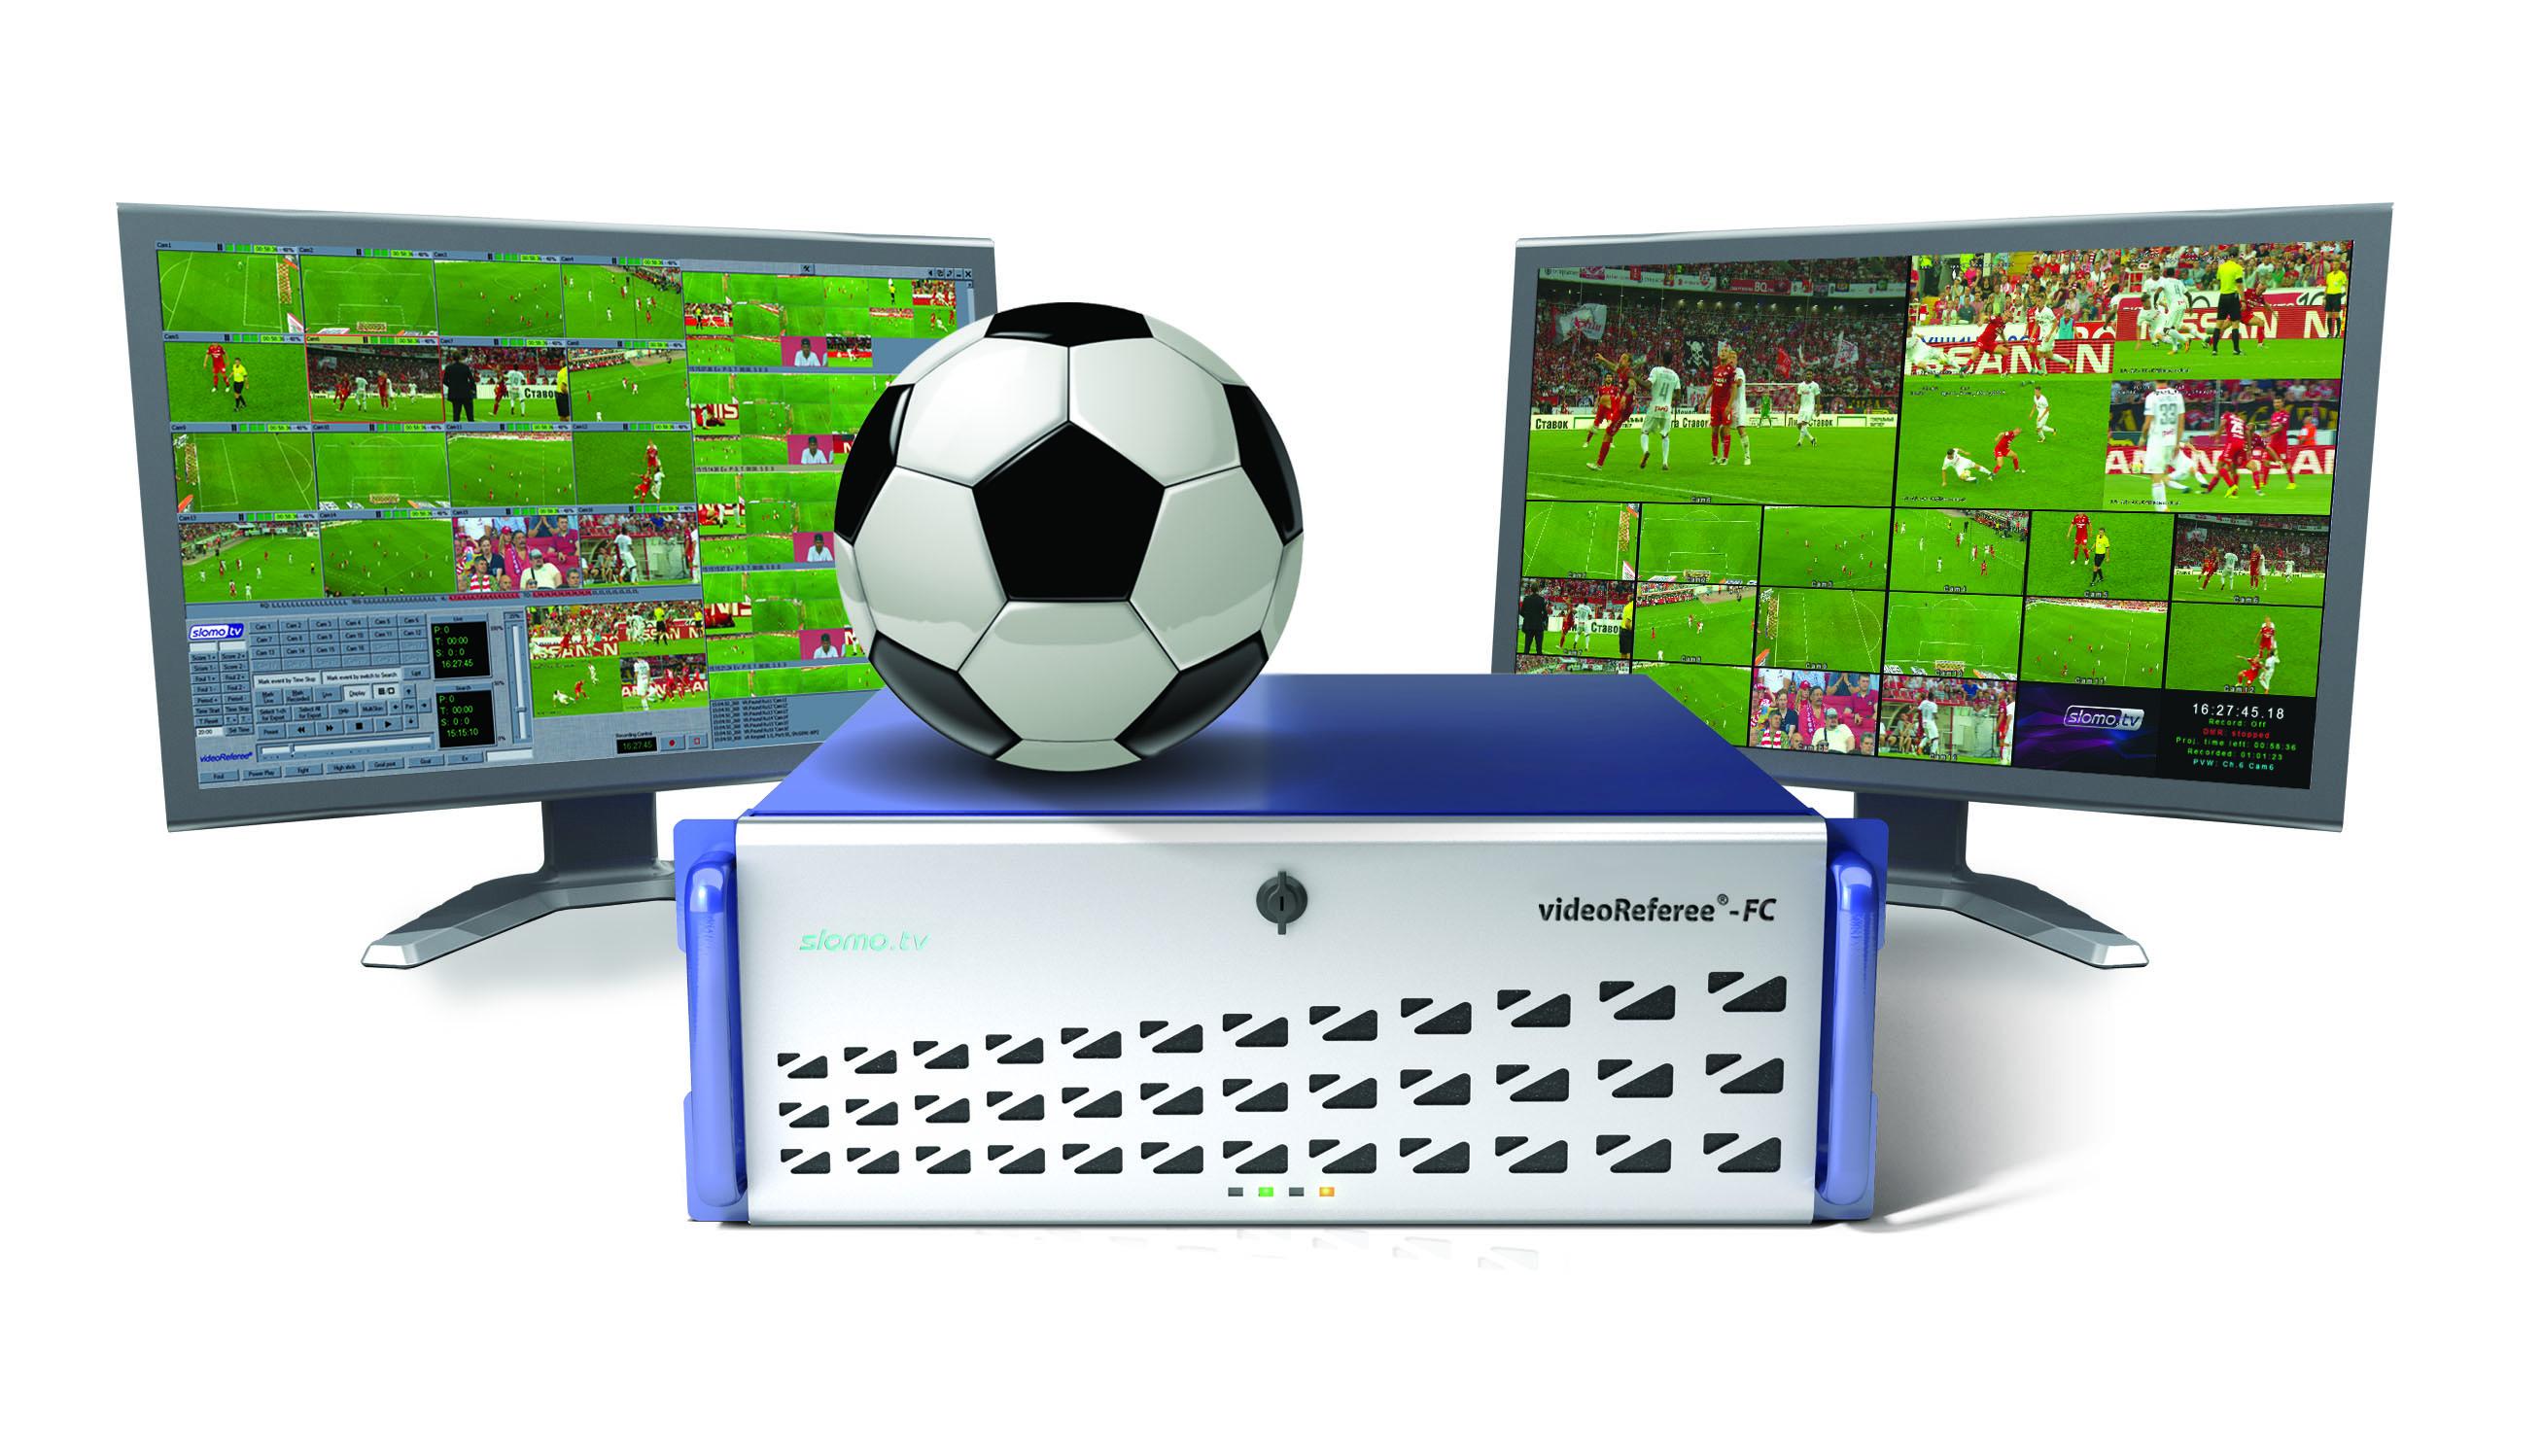 Slomo.tv lancia Enhanced VideoReferee FC System all'IBC 2018